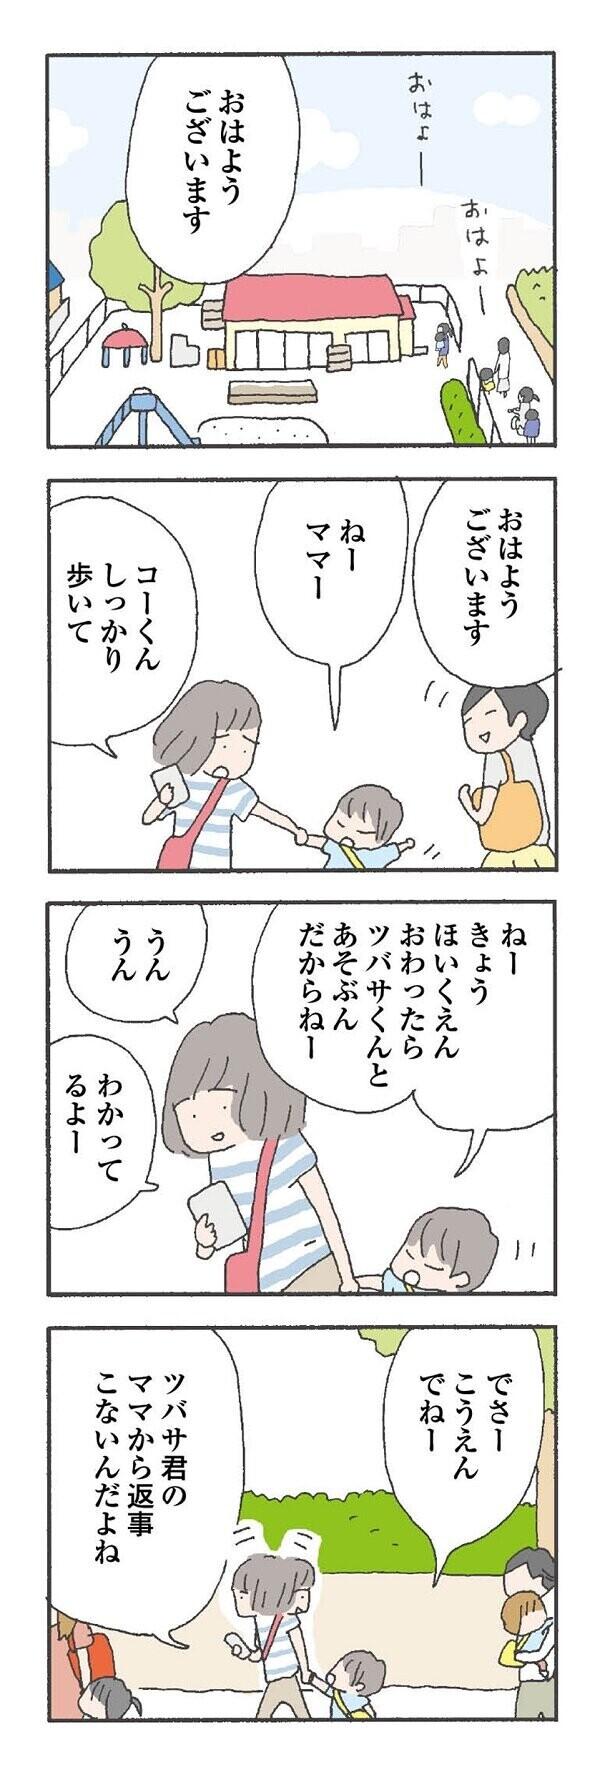 ママ友が消えた…仲よしなのに、何も知らない【消えたママ友 Vol.1】